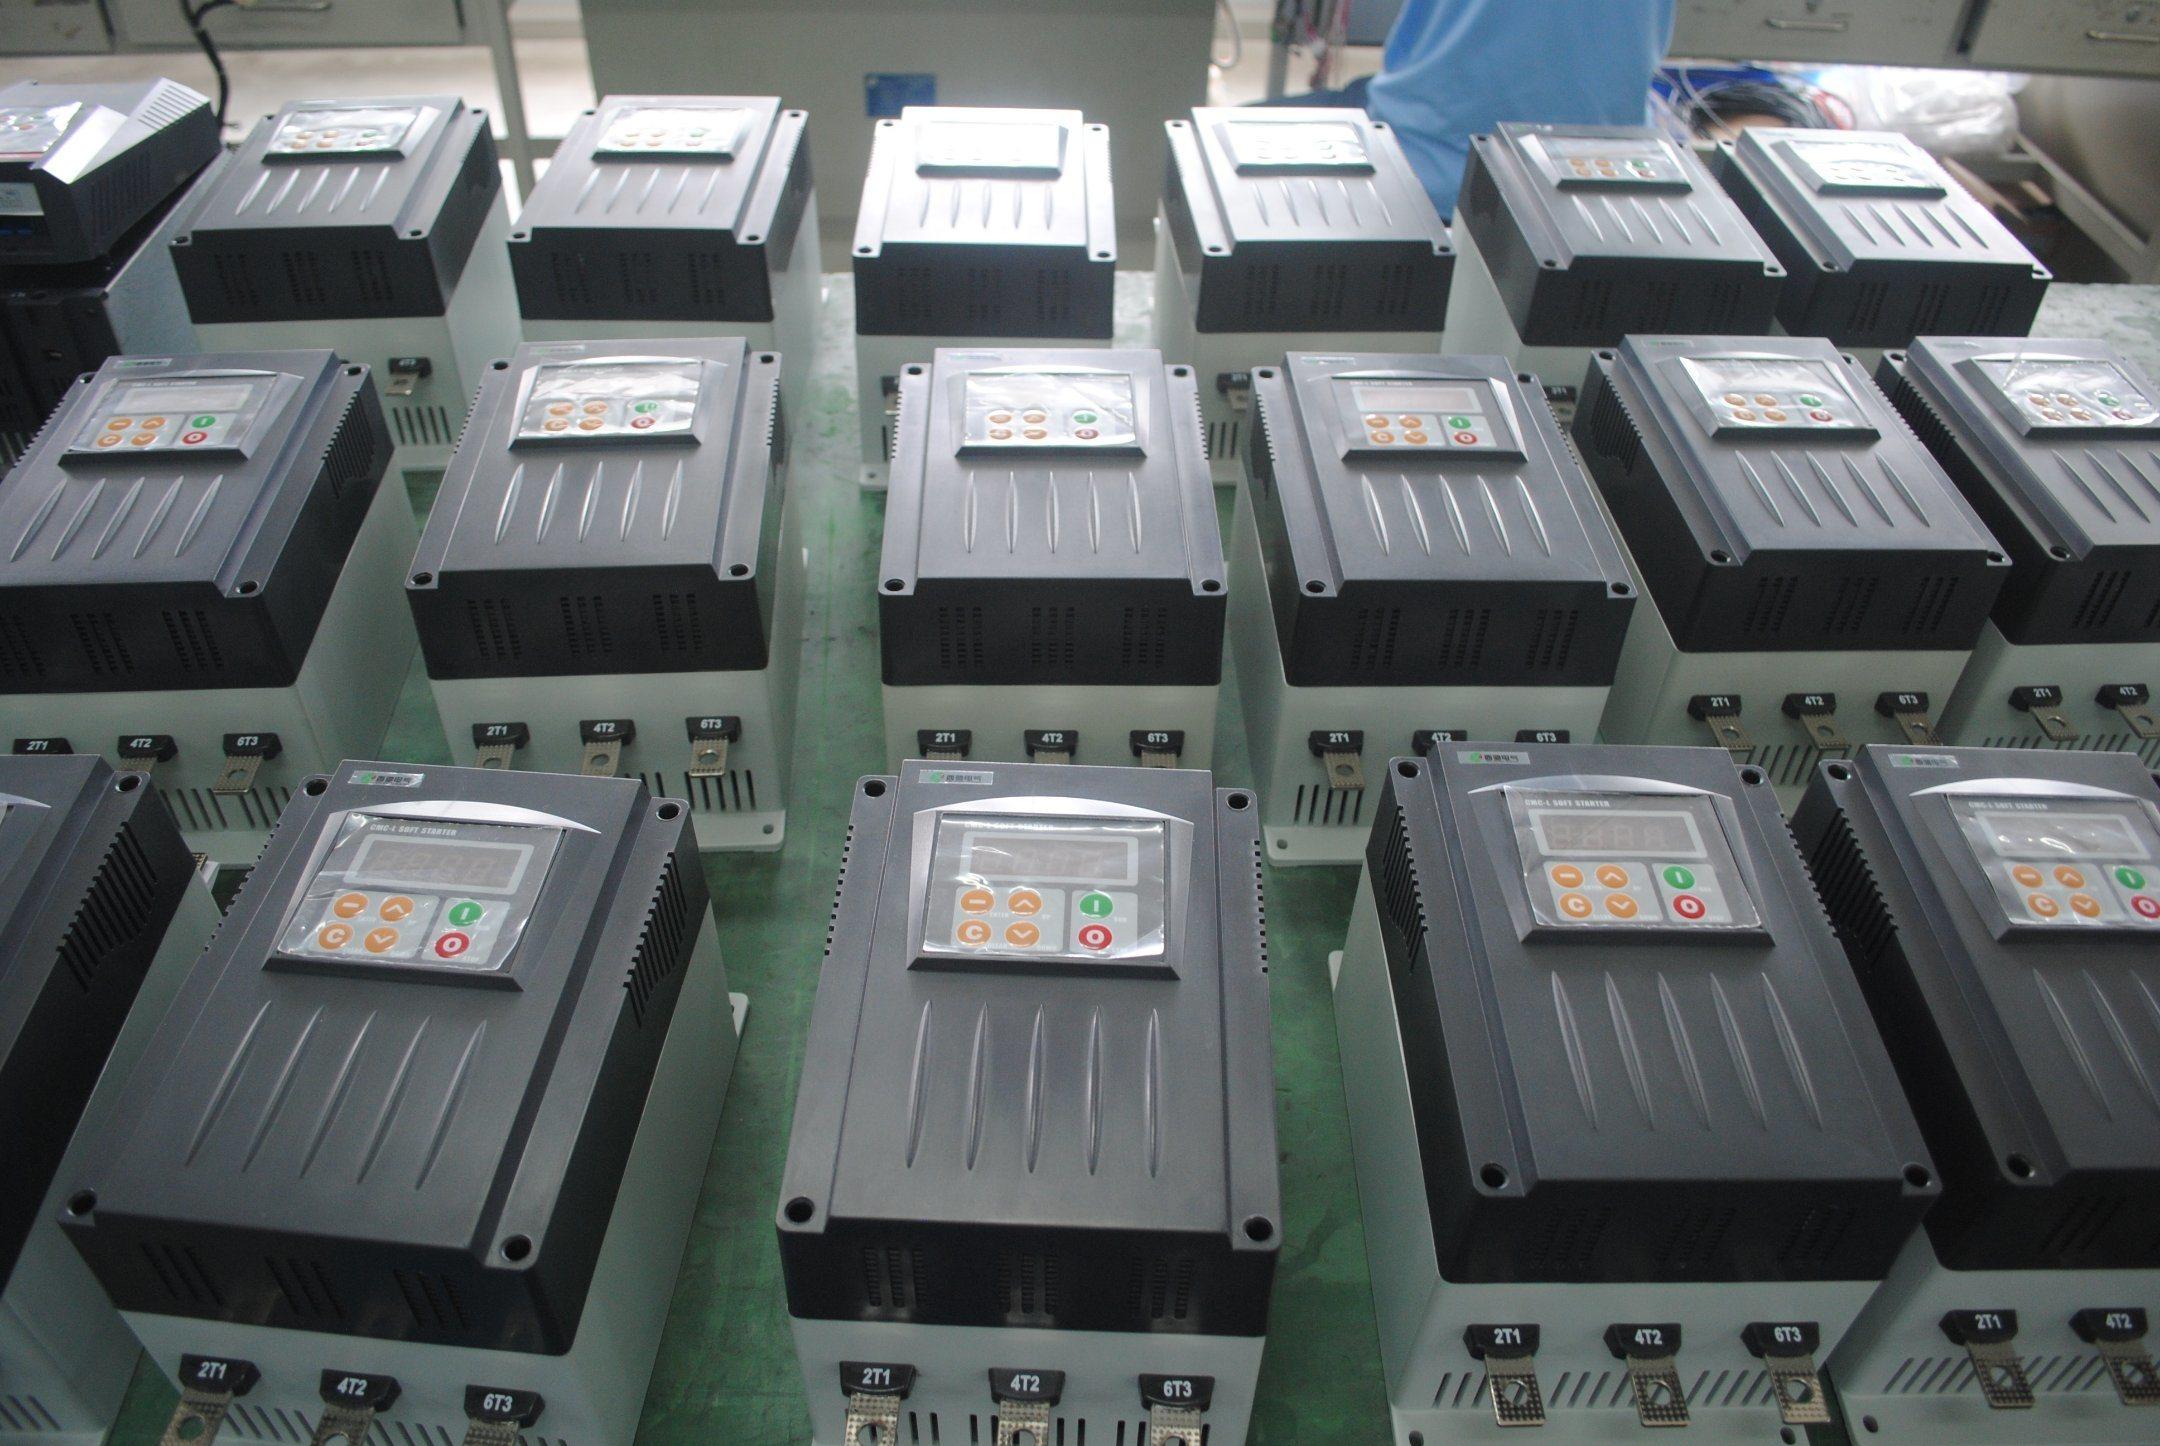 3 Phase AC220V-690V 55kw AC Motor Soft Starter